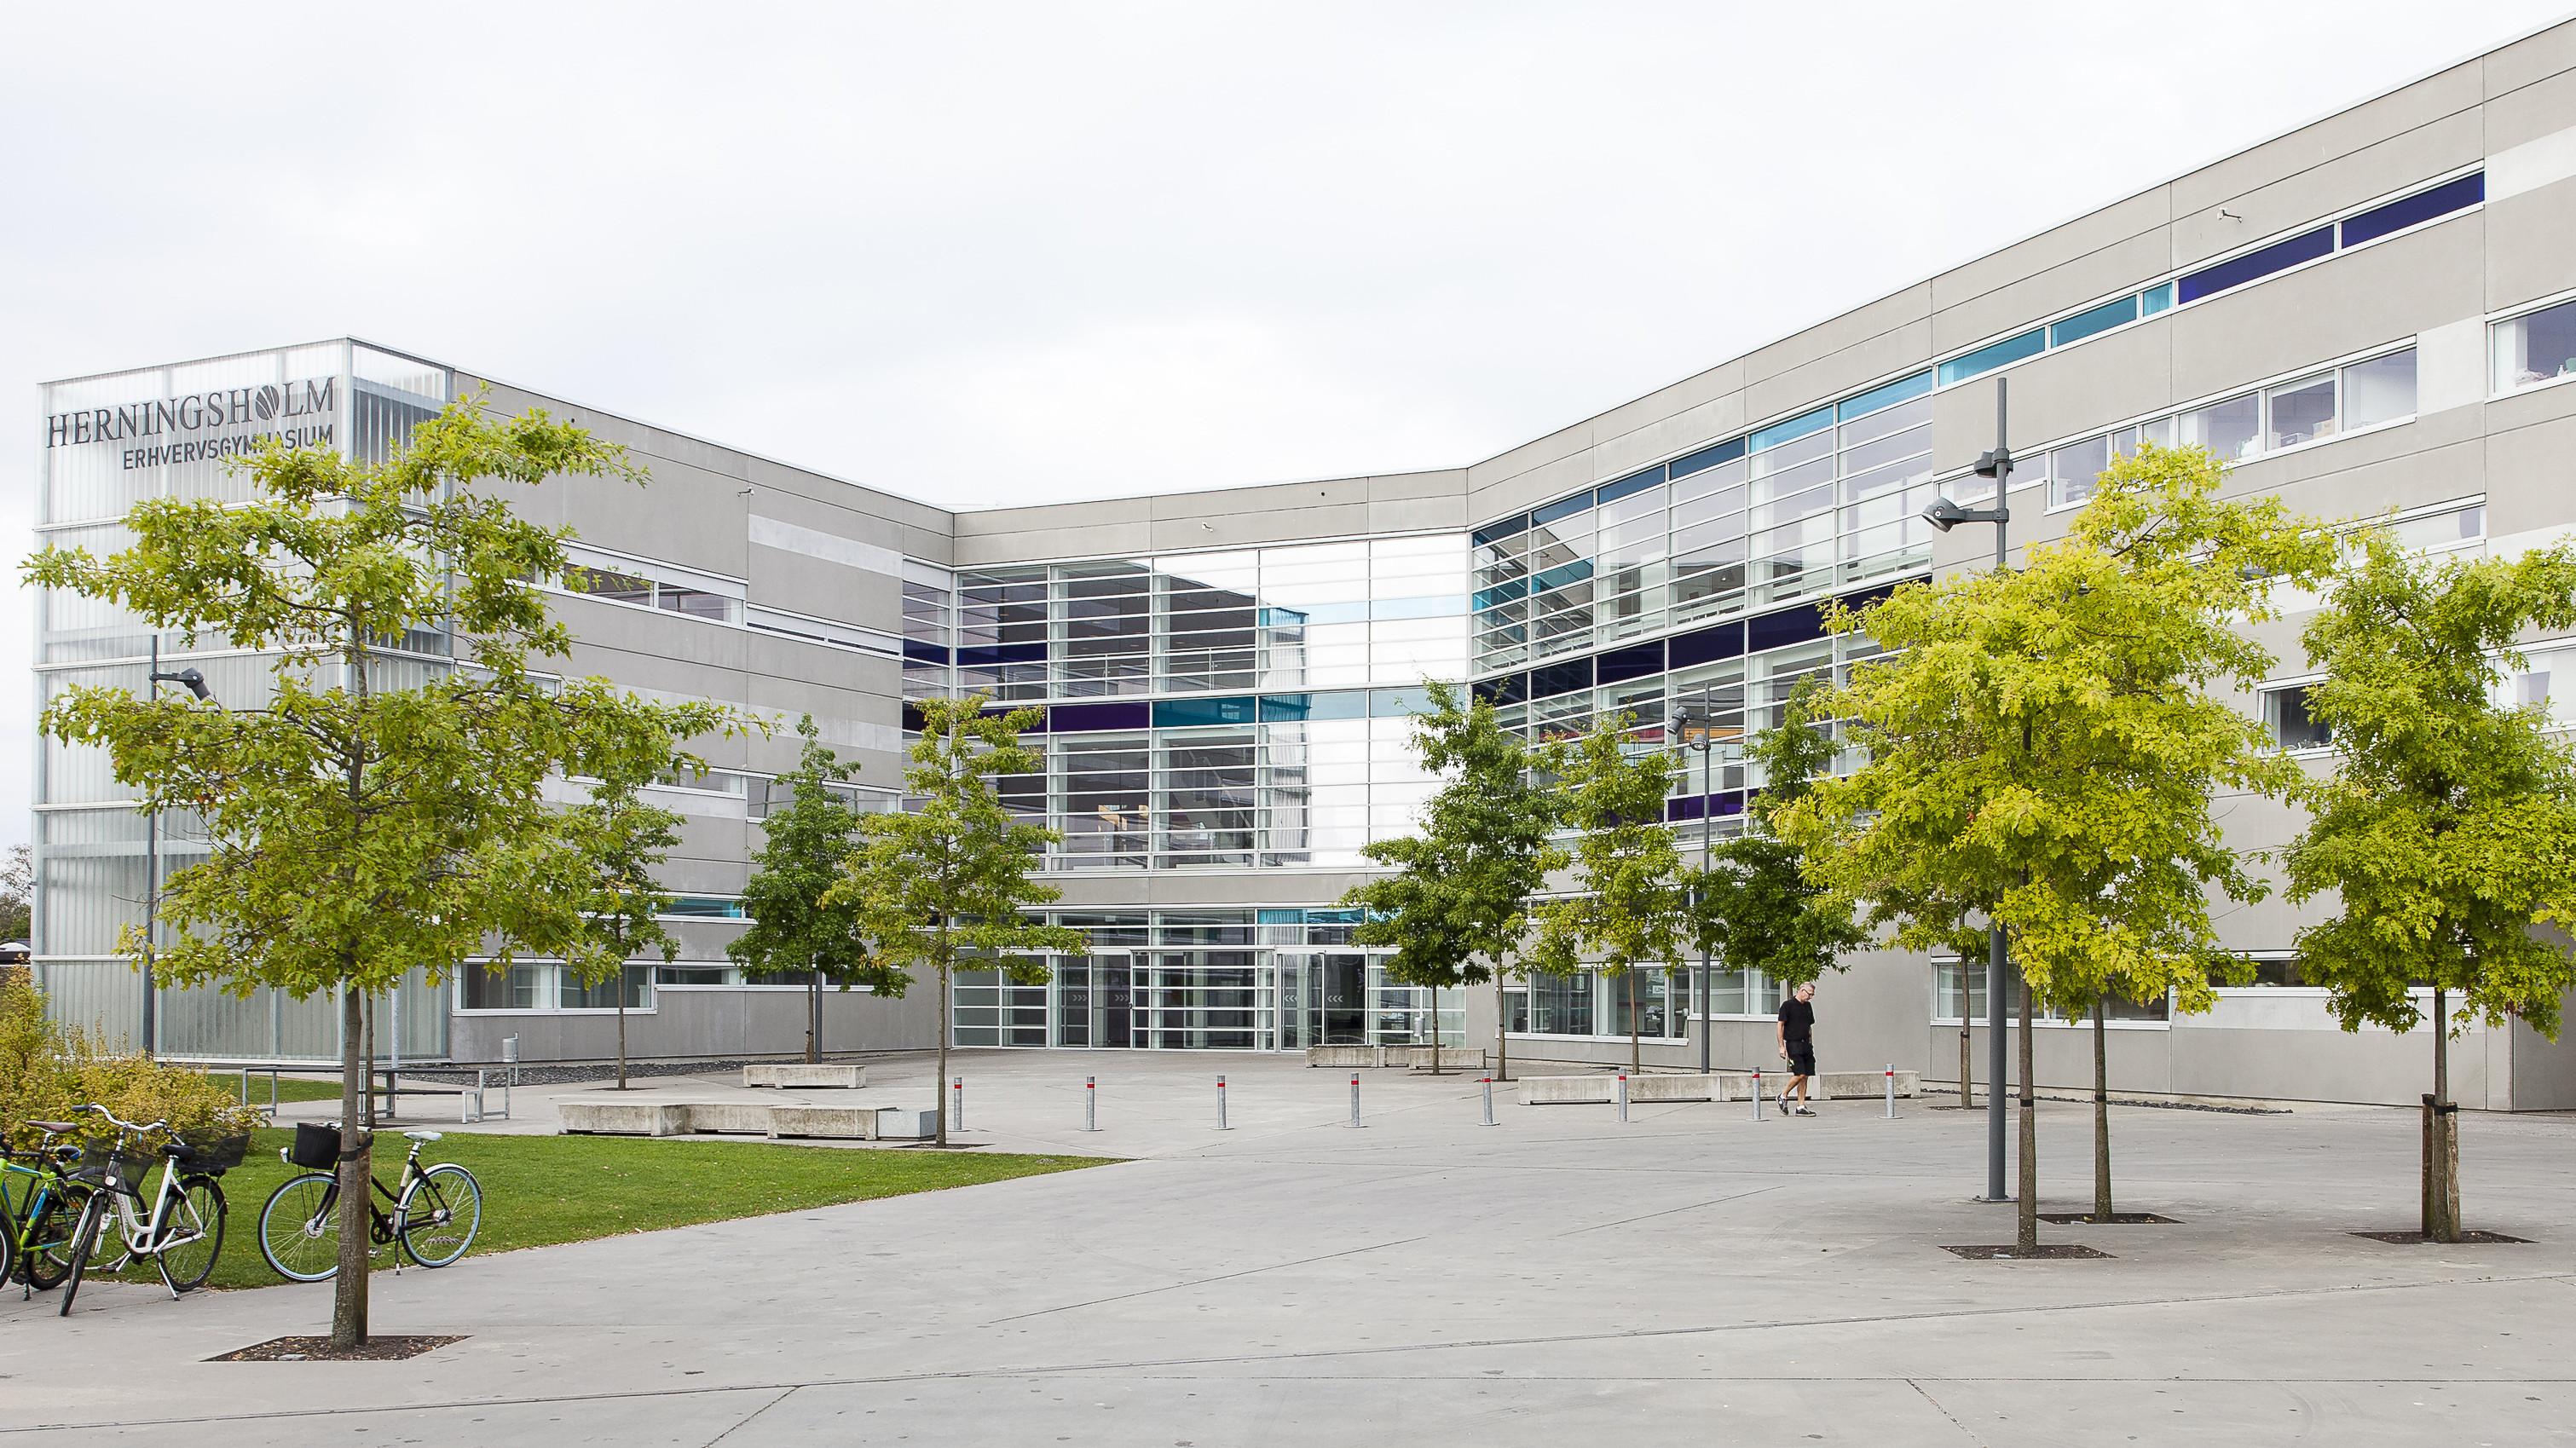 herningsholm tekniske skole